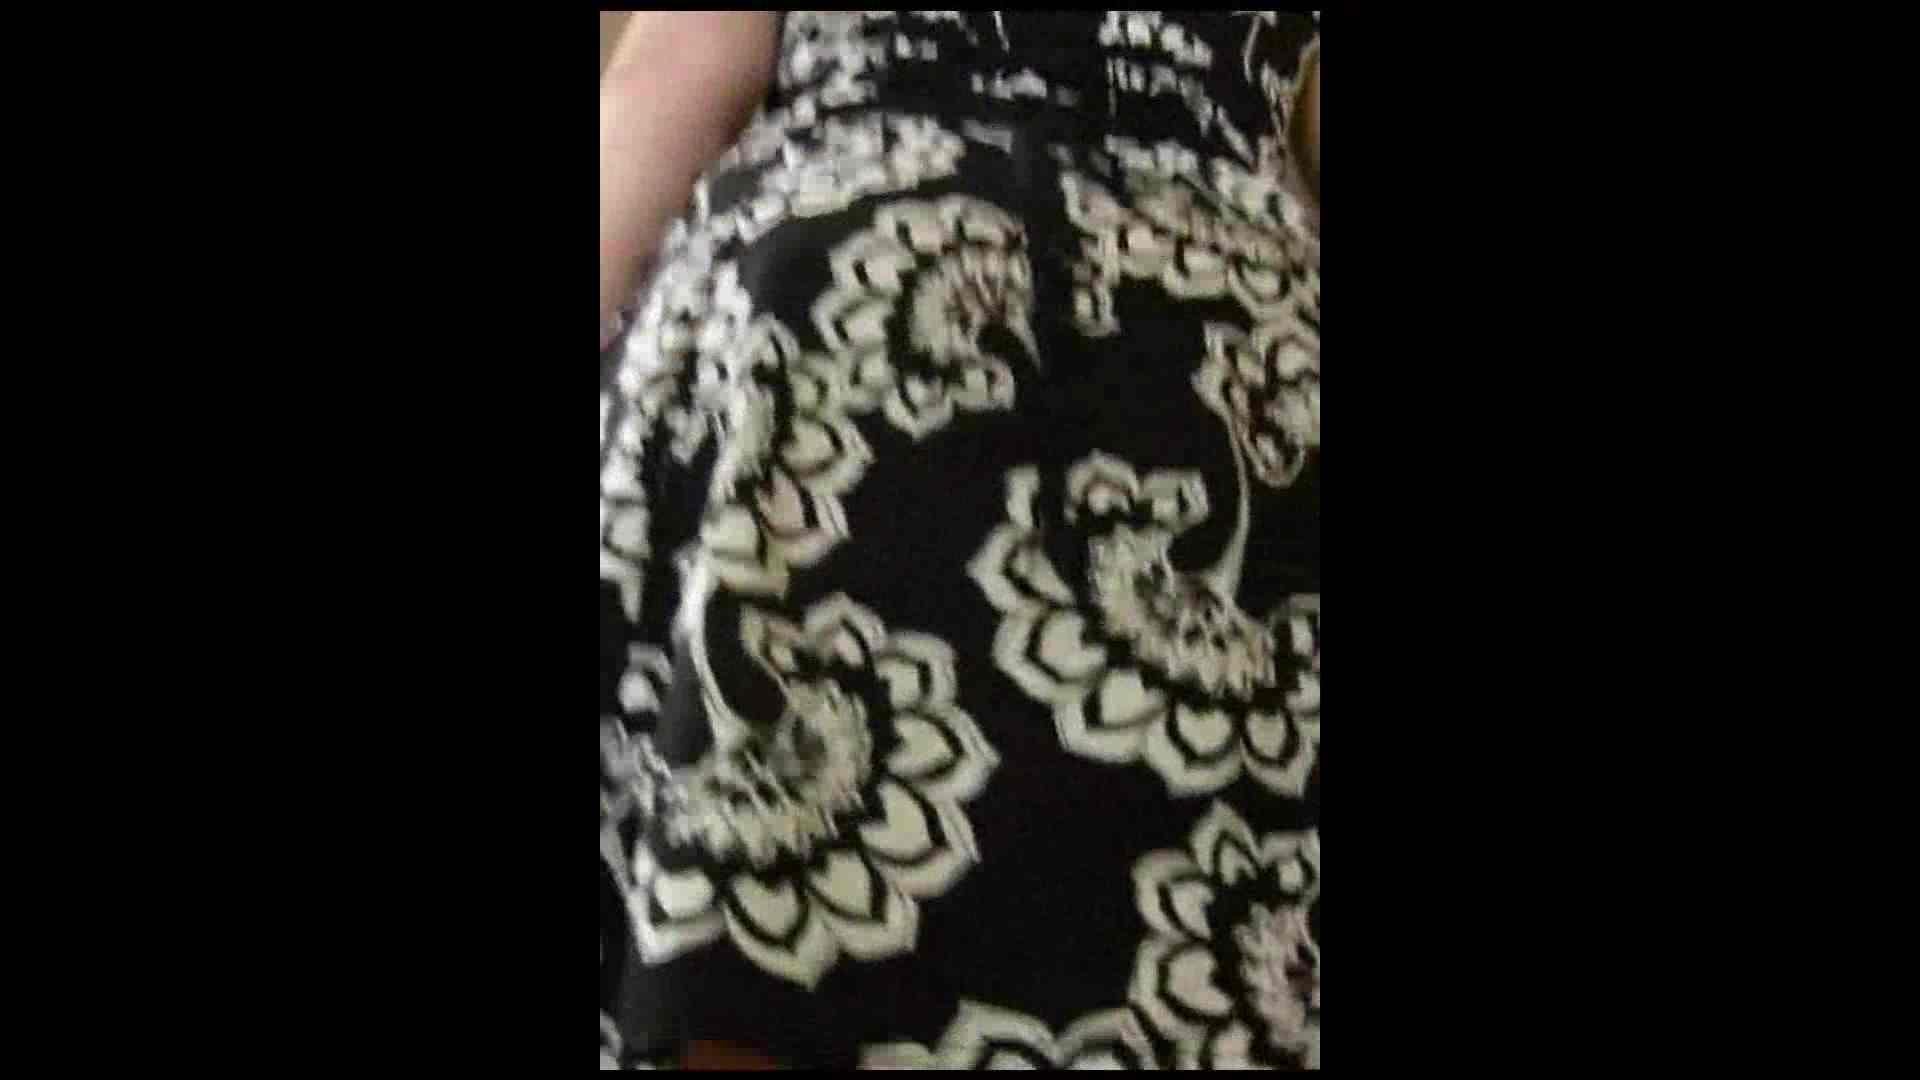 綺麗なモデルさんのスカート捲っちゃおう‼vol02 HなOL   モデルヌード  93pic 64